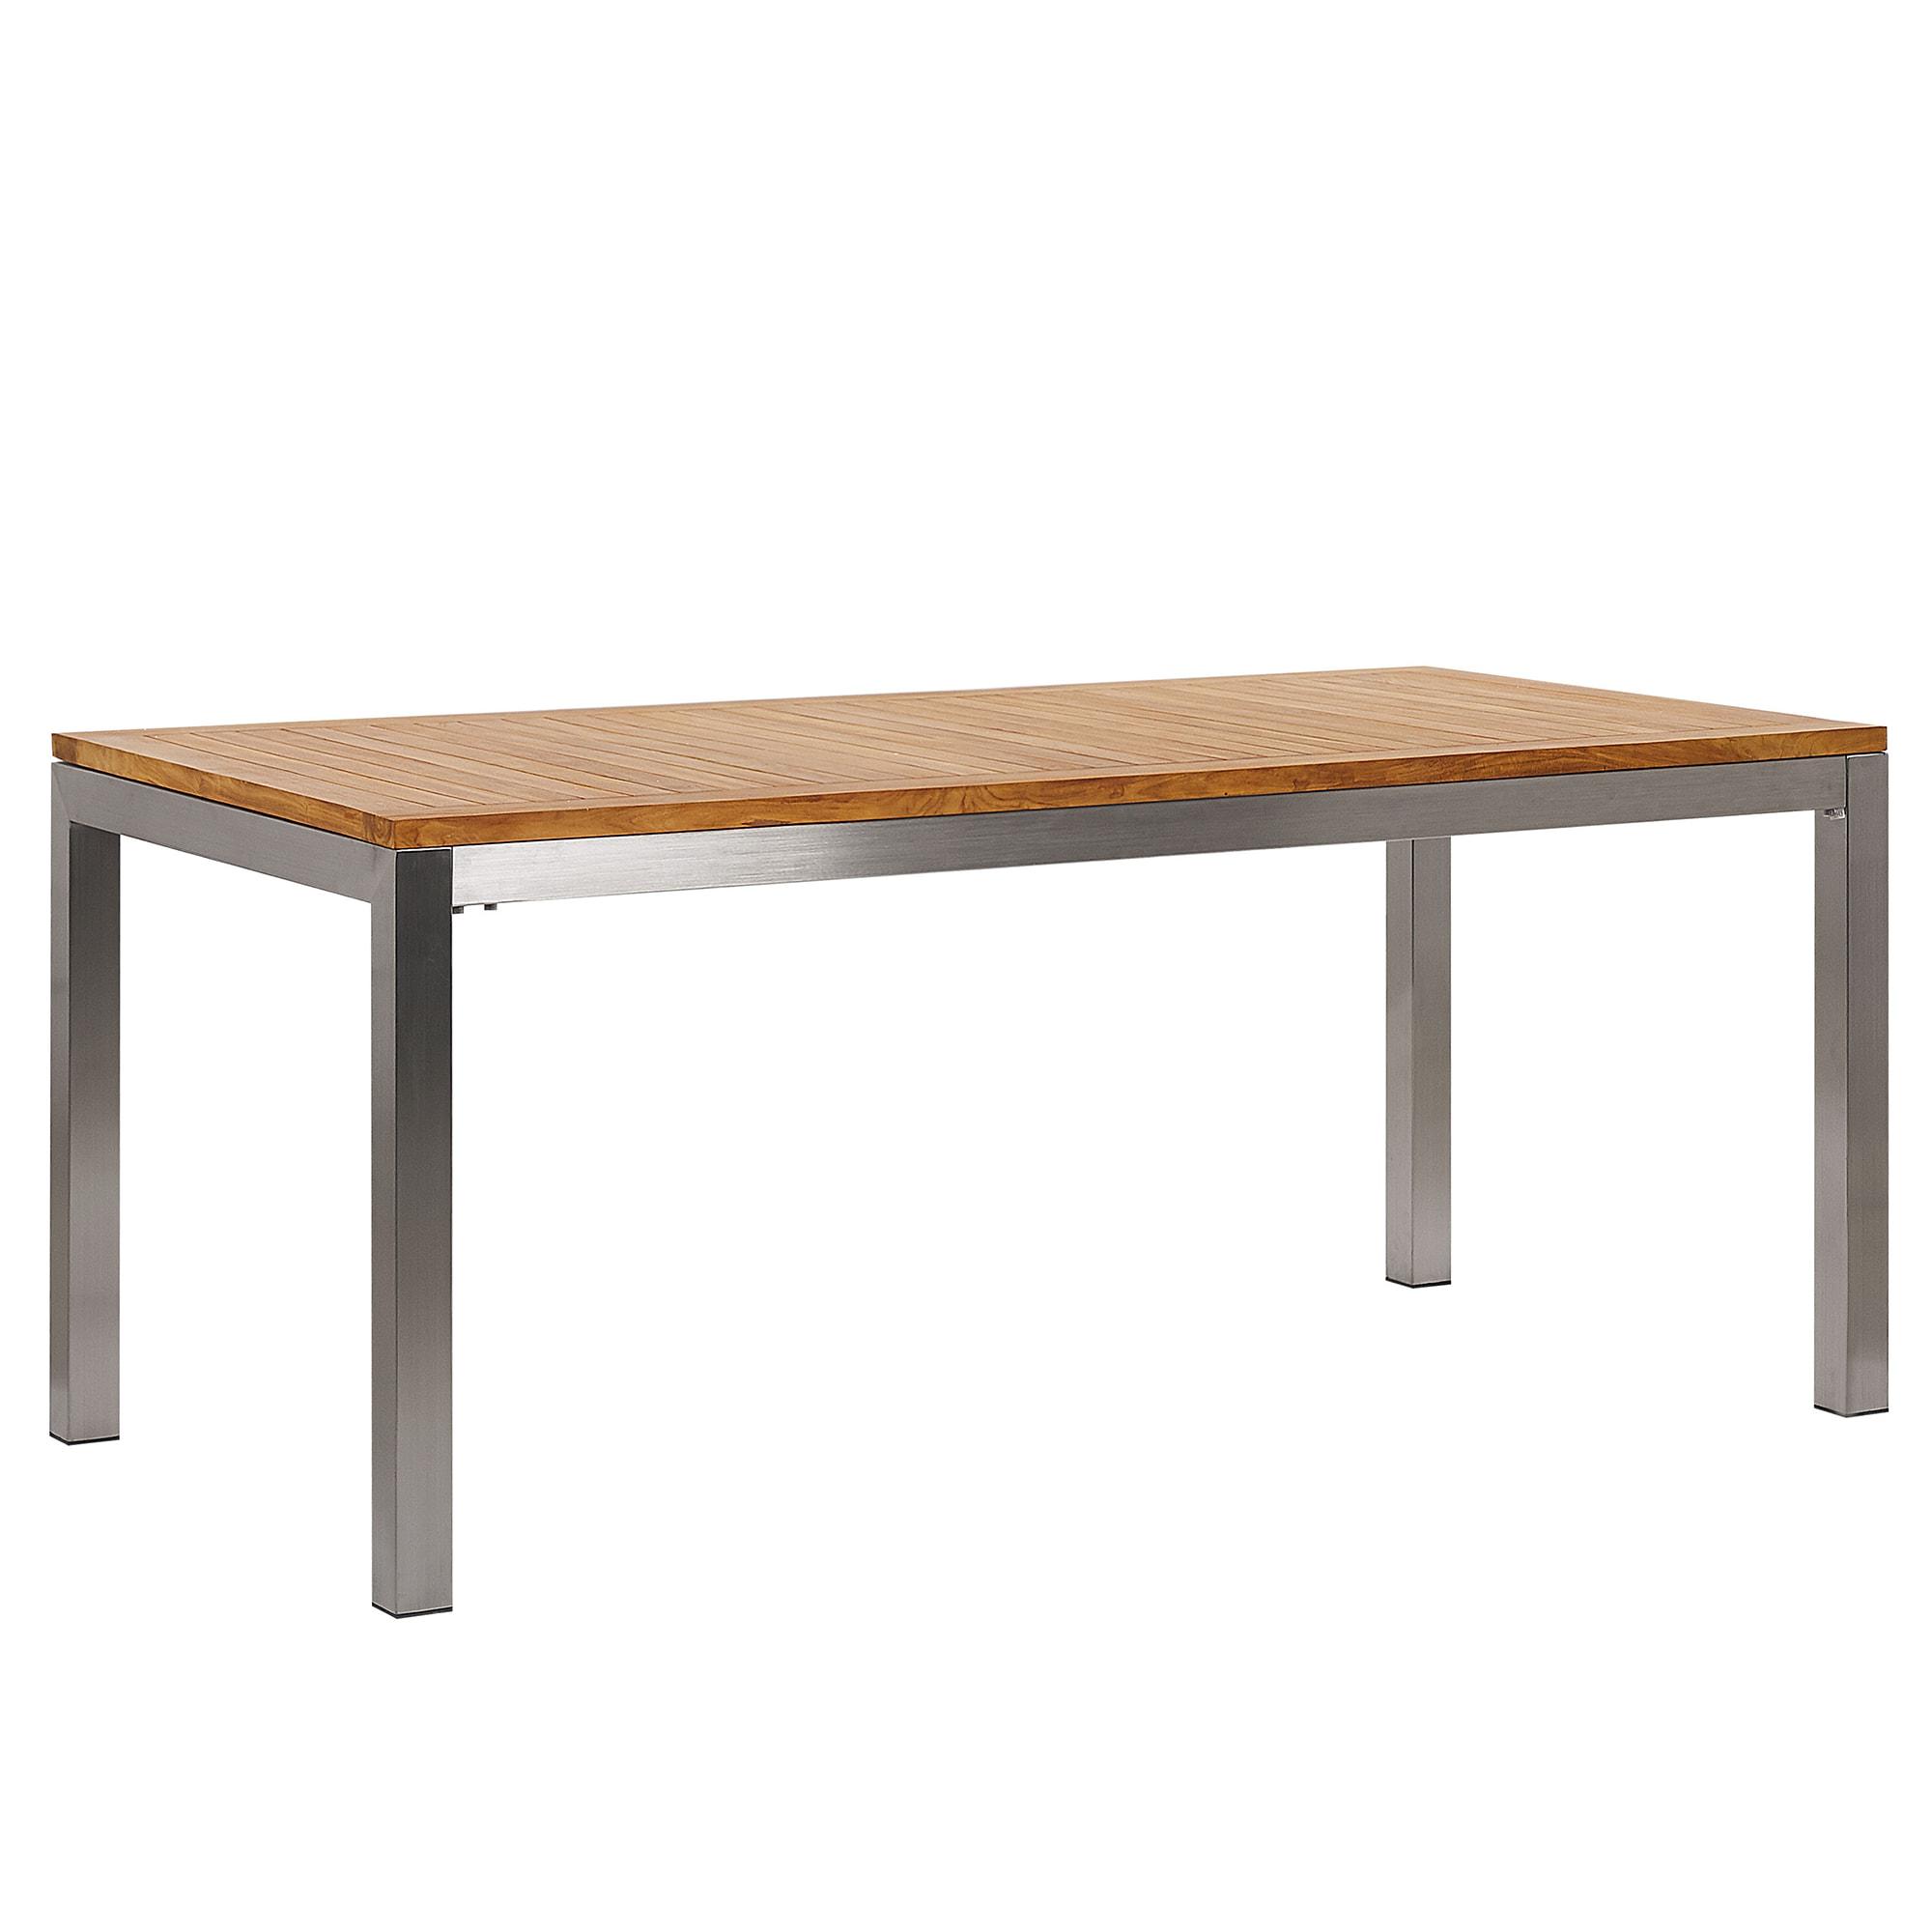 Table de jardin plateau en bois teck L180cm